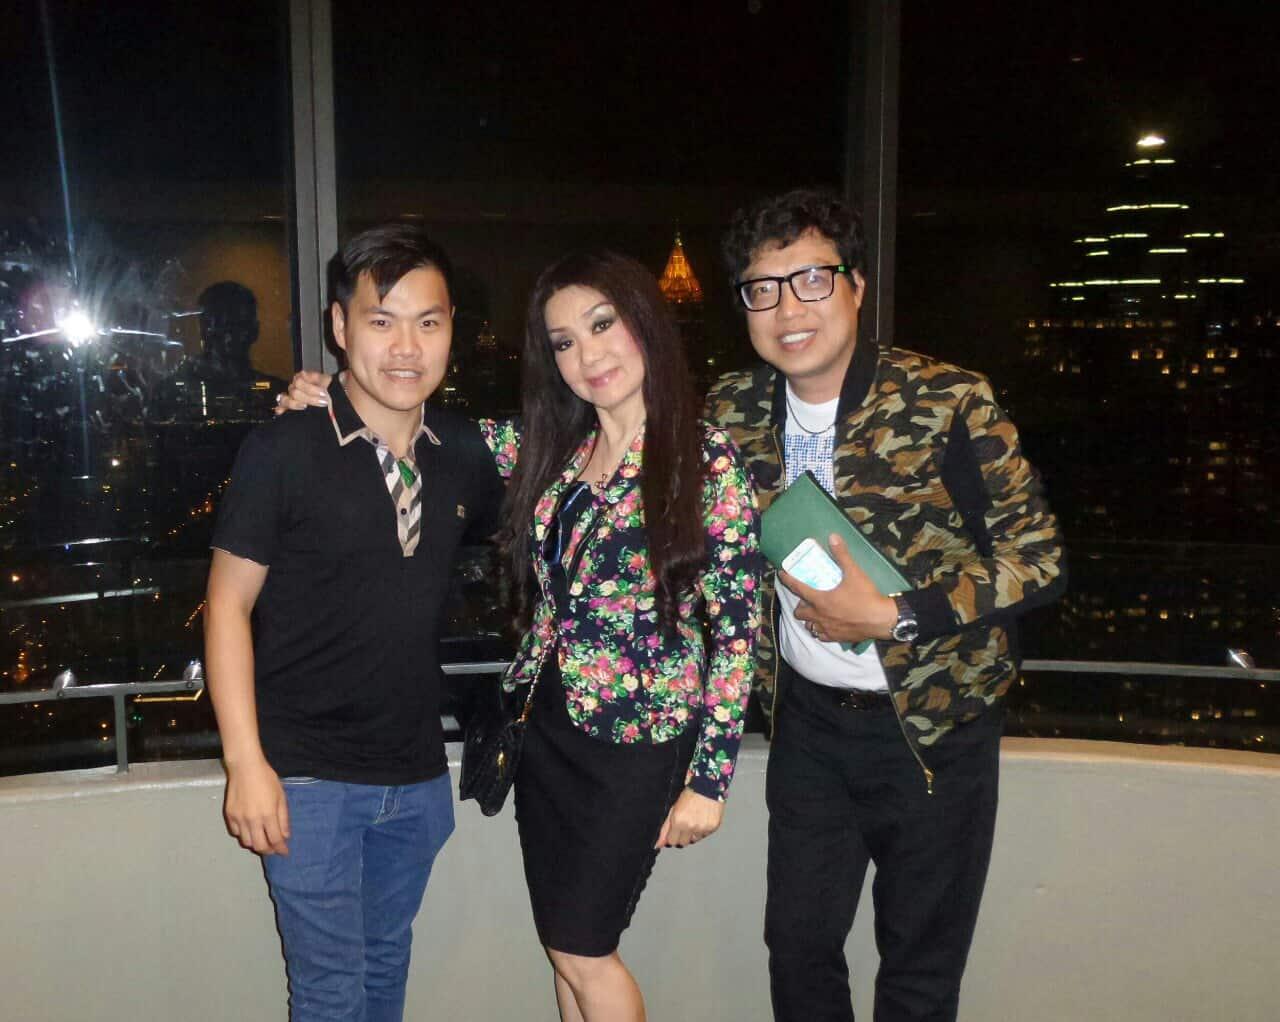 Nhà báo Thanh Hiệp và Lê Đạt chụp ảnh lưu niệm với NSƯT Mỹ Châu trên tòa nhà cao 72 tầng của thành phố Atlanta